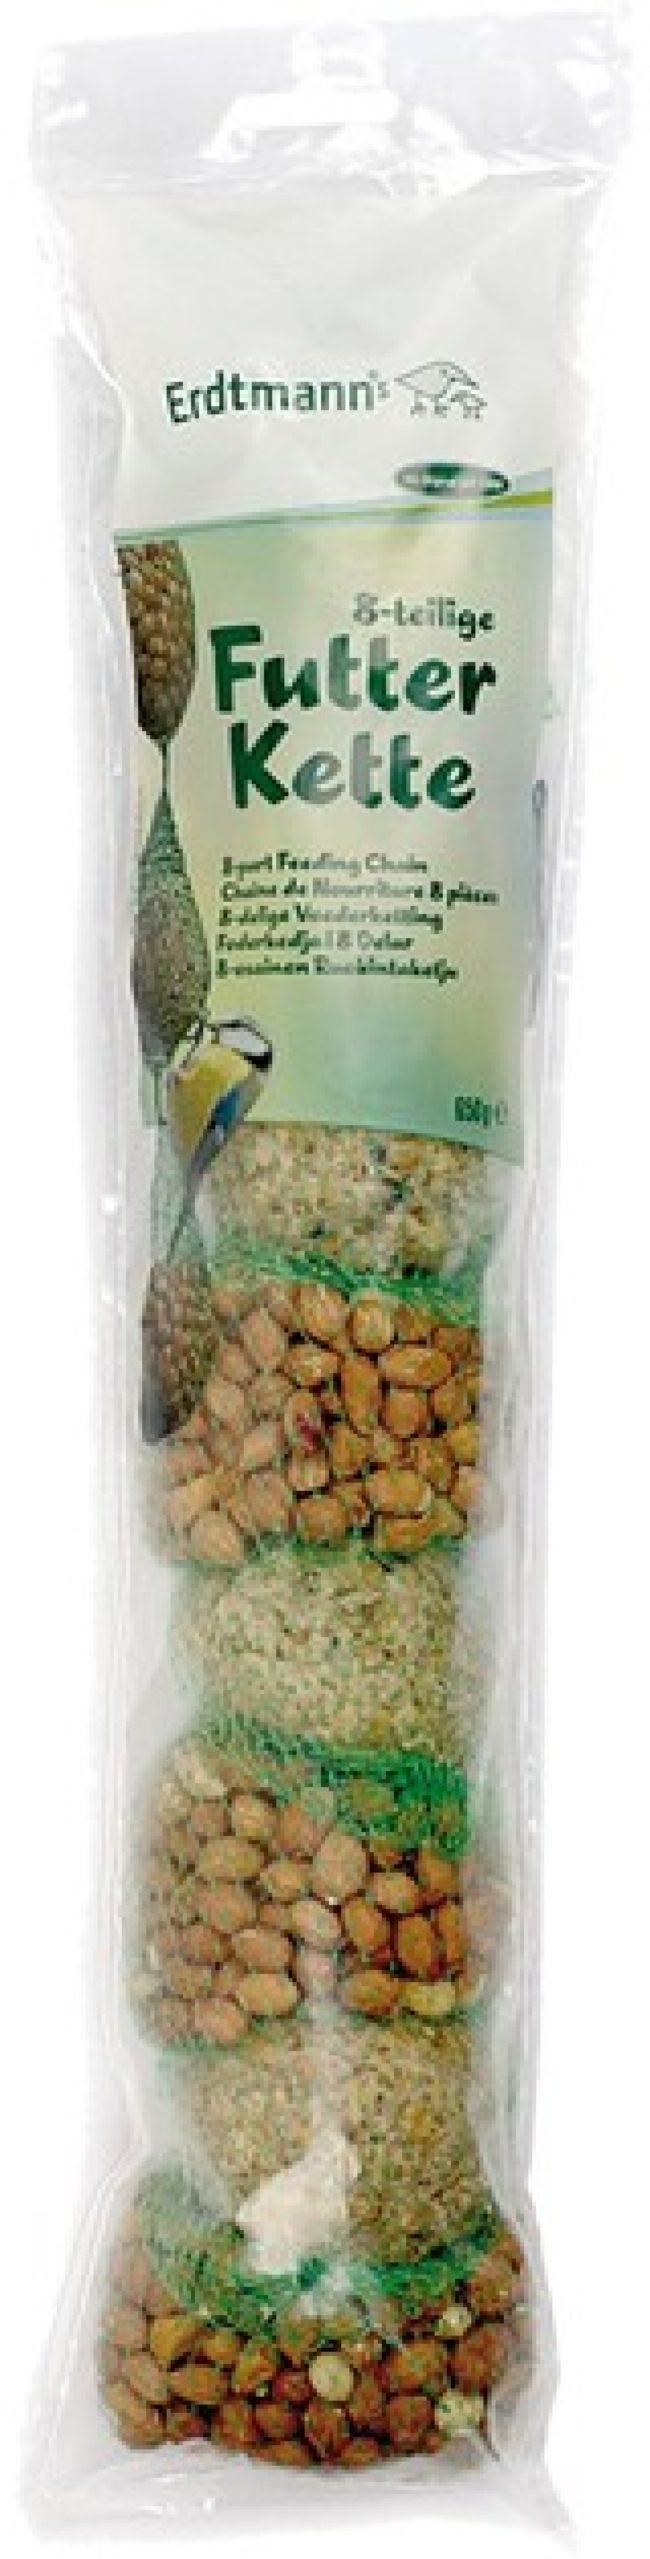 Afbeelding van Mixketting met 4 mezenballen en 4 pindanetten in een zak - Winter vogelvoer/dierenvoer